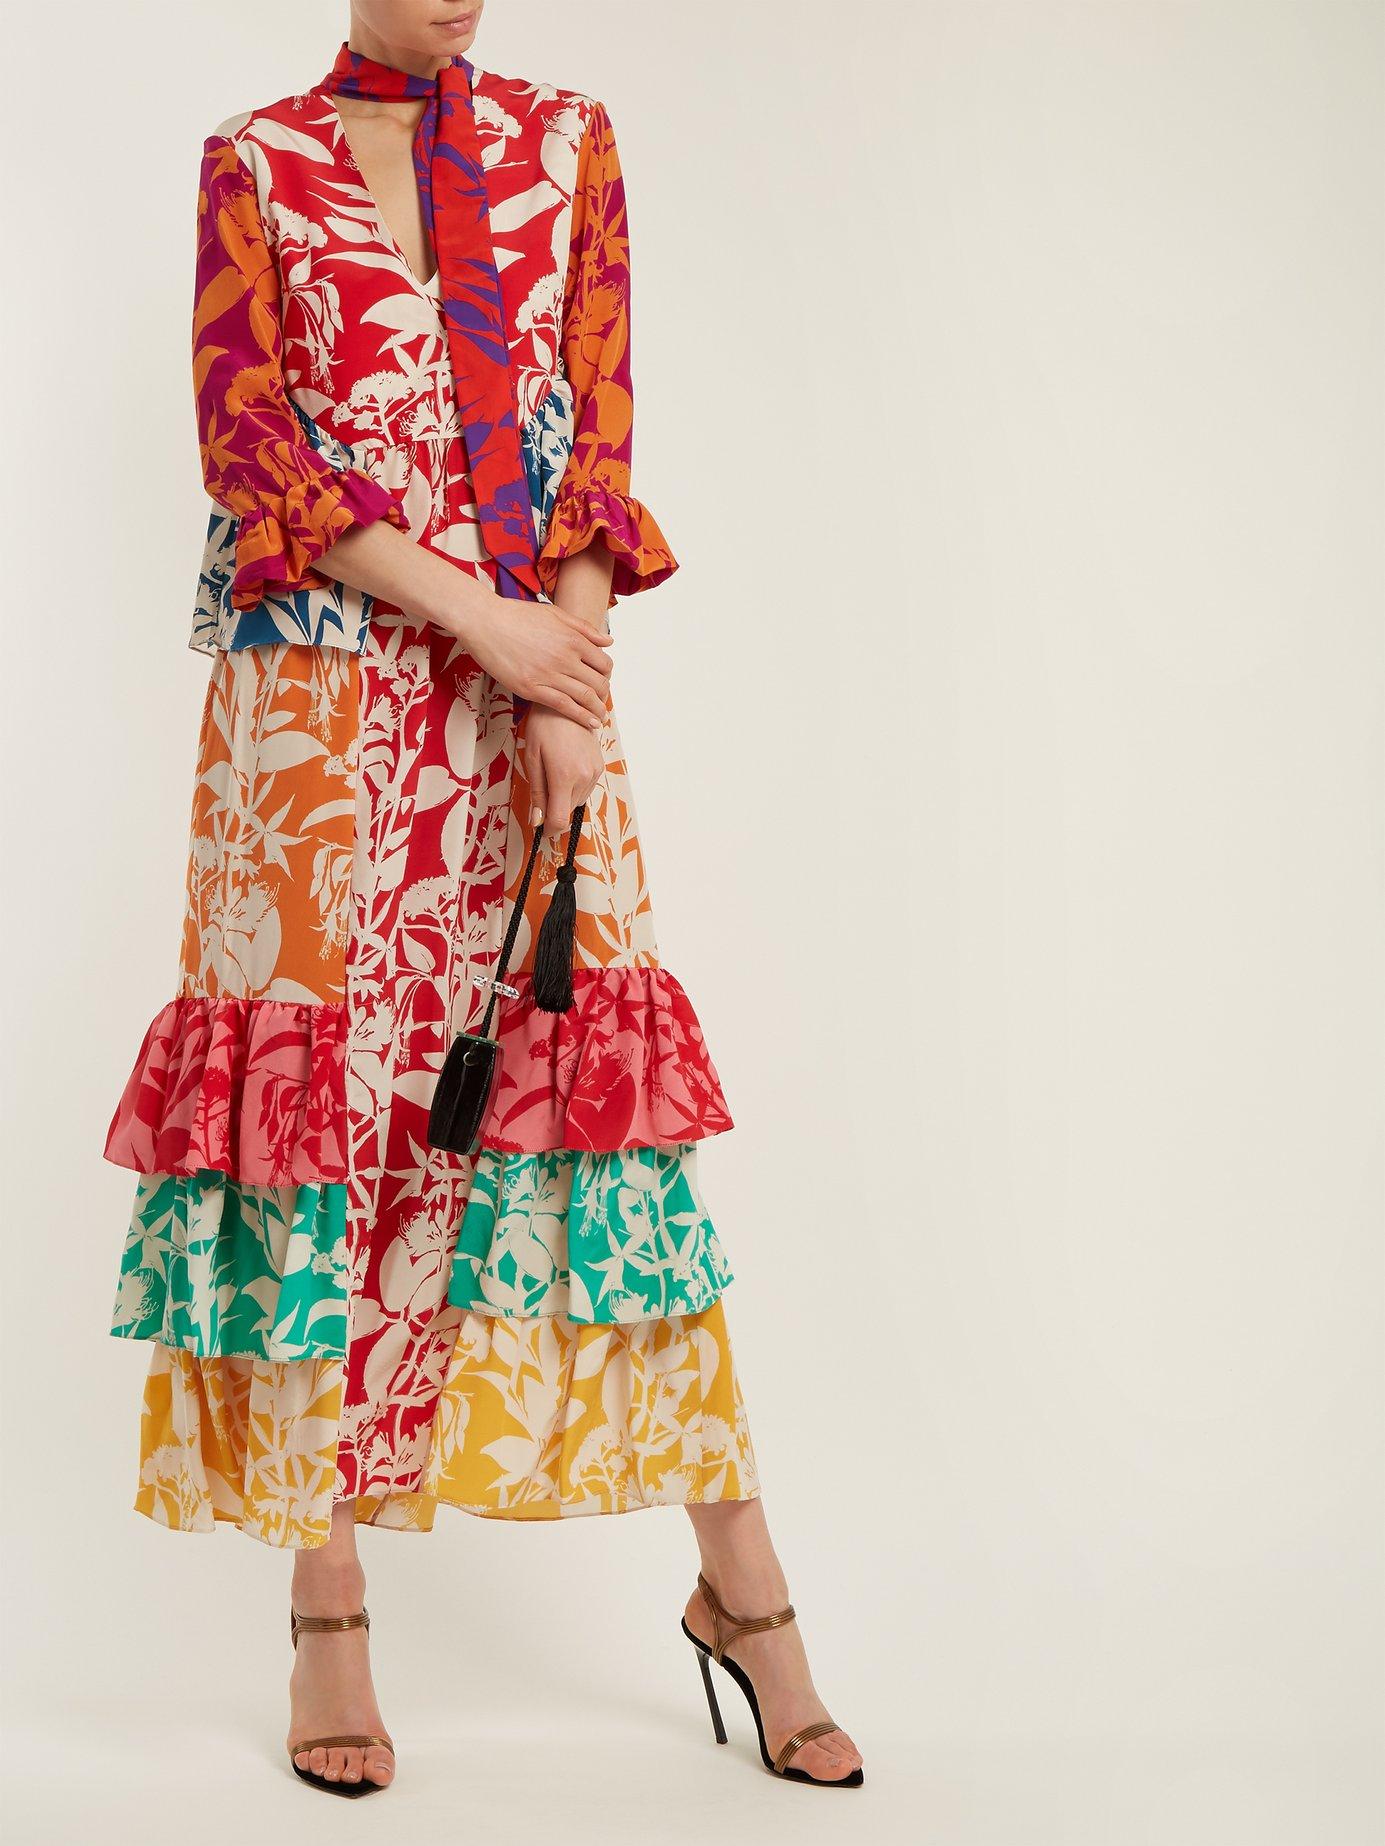 Aude floral-print ruffle silk dress by Borgo De Nor